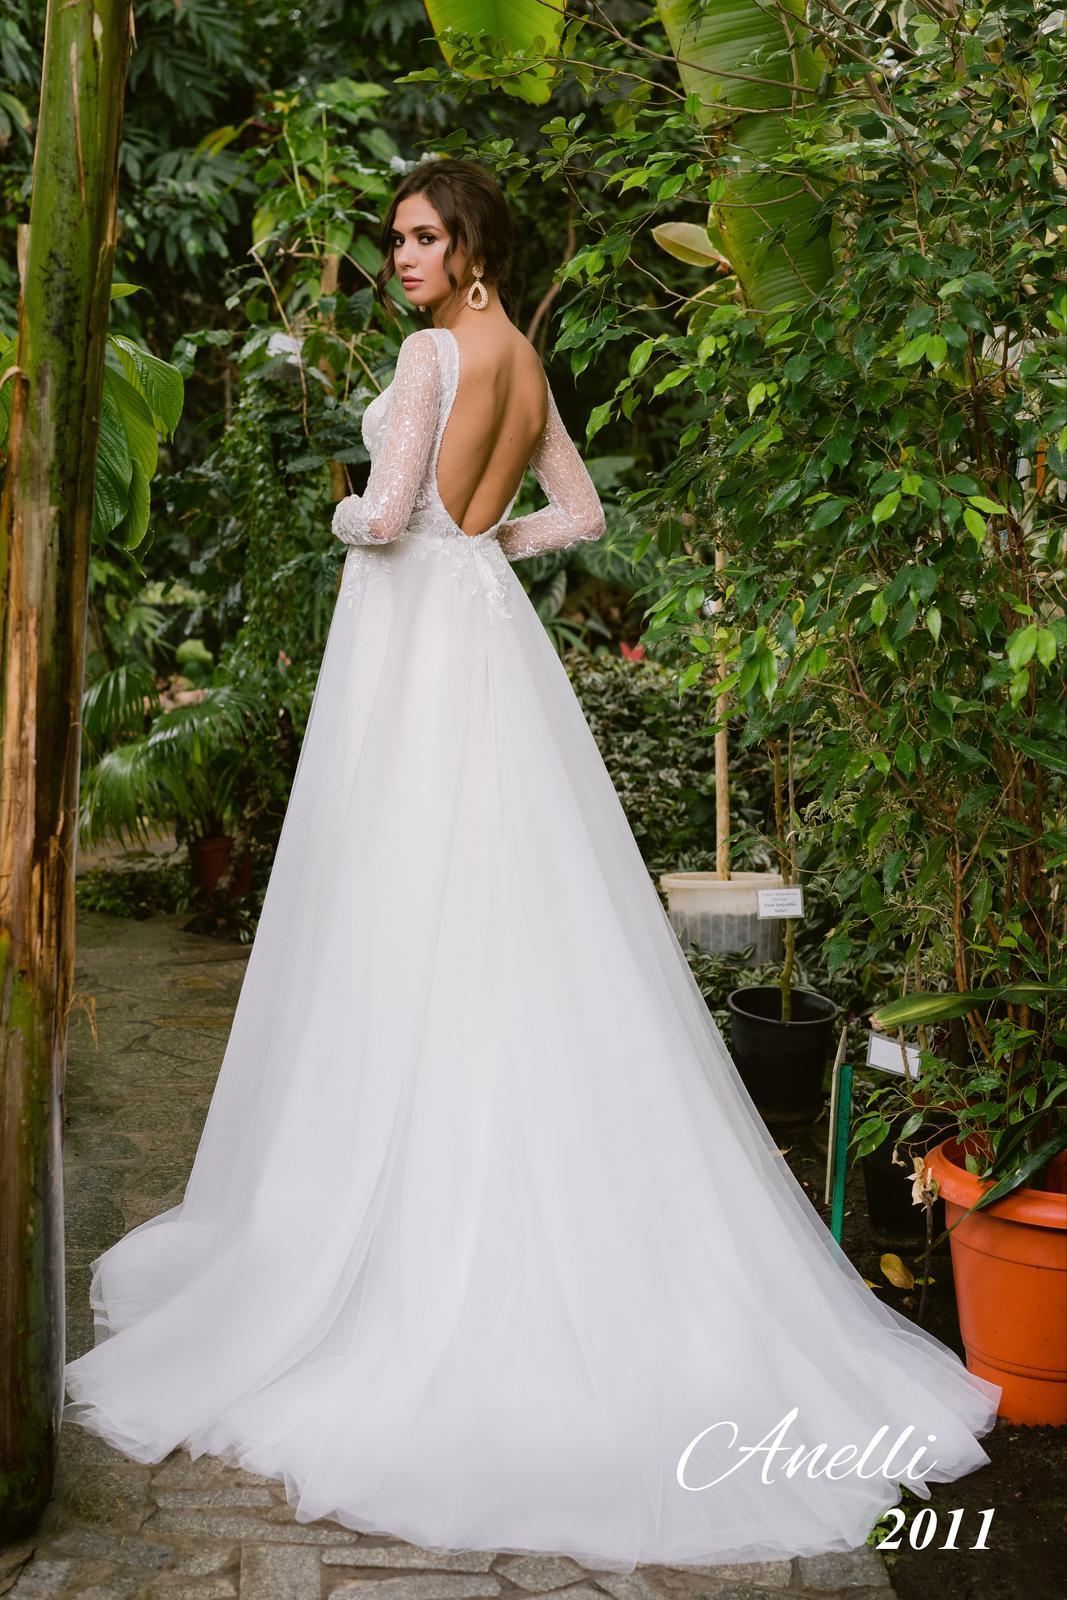 Svadobné šaty - Breeze 2011 - Obrázok č. 3